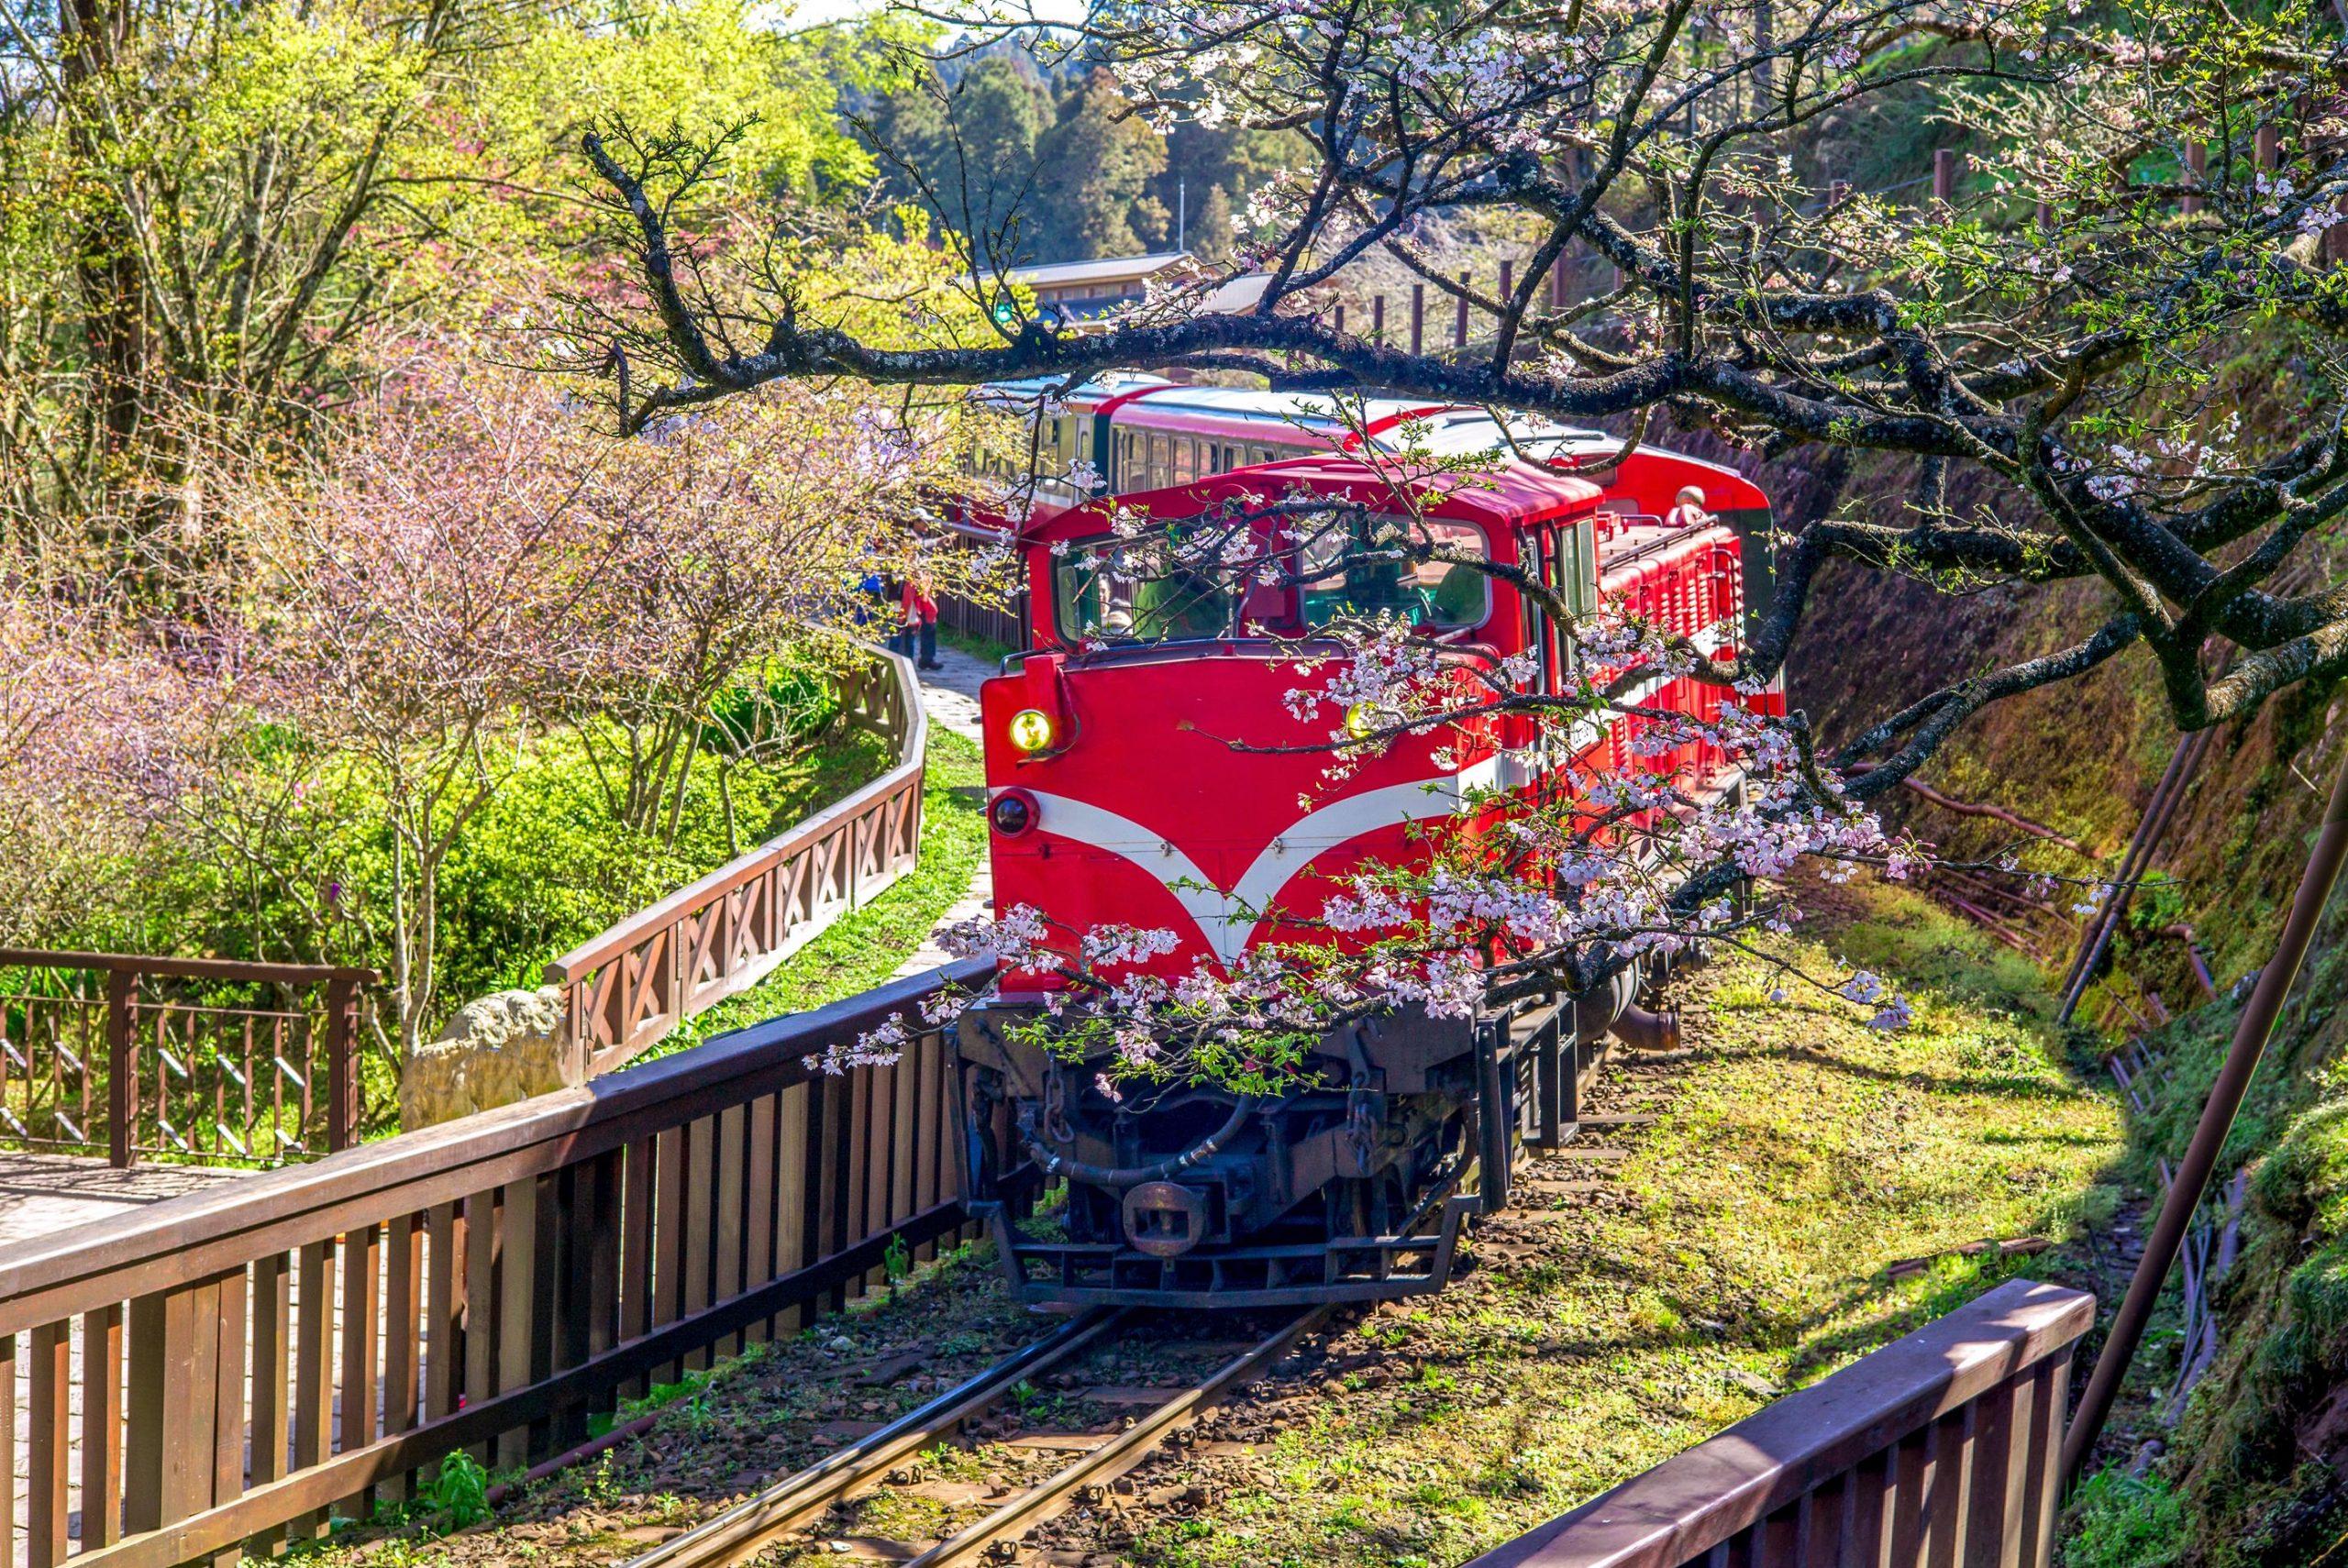 阿里山櫻花季 阿里山花季 阿里山國家森林遊樂區 花季